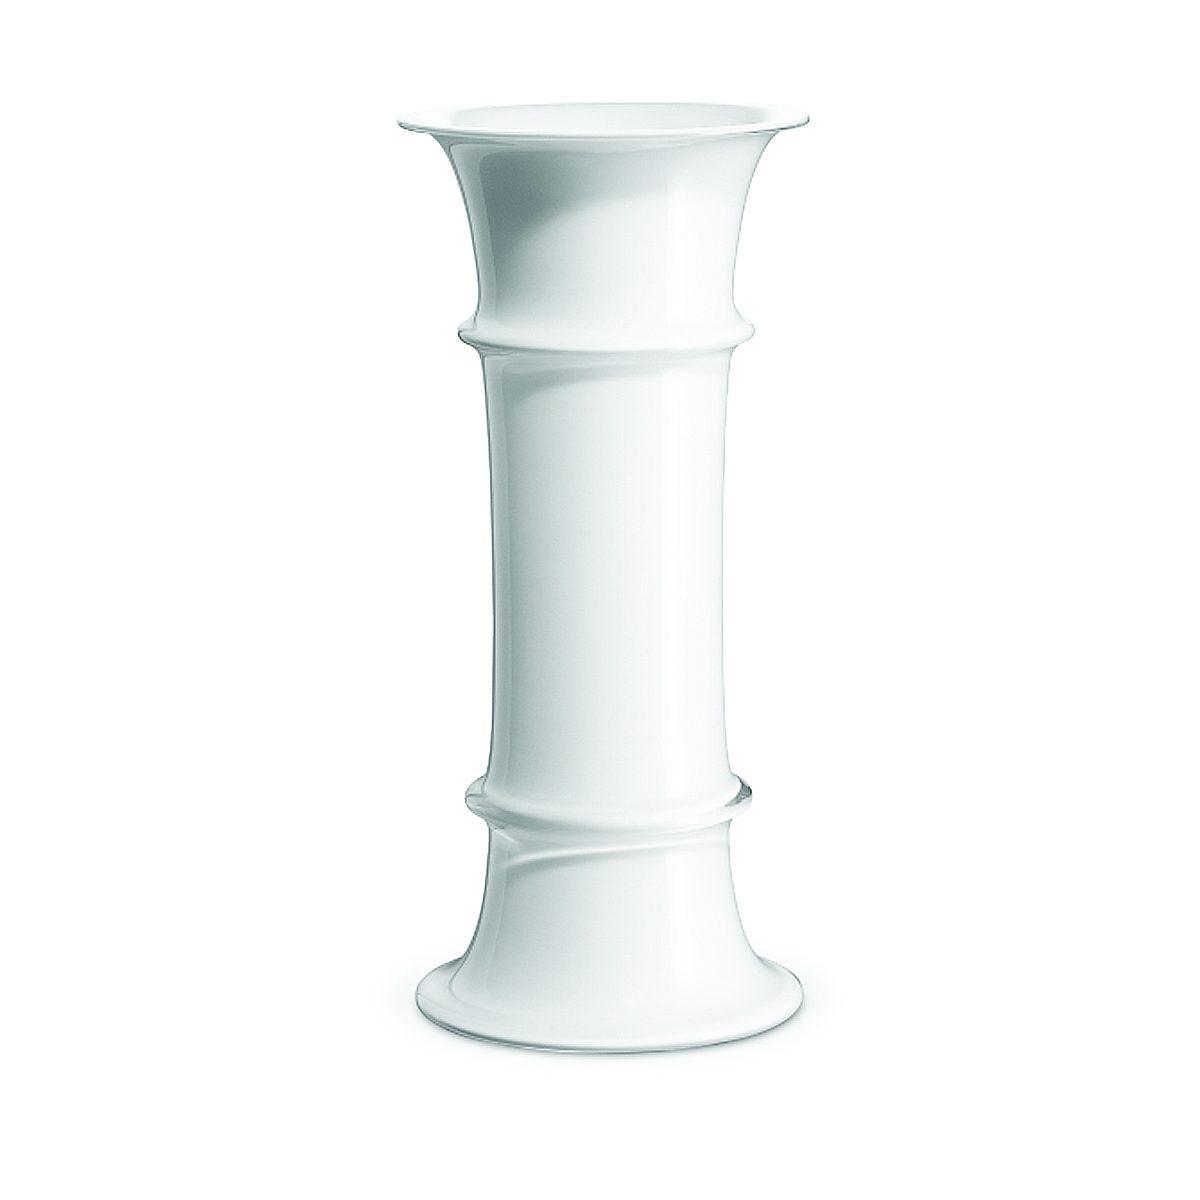 HOLMEGAARD Holmegaard Vase MB weiß, 30.7 cm